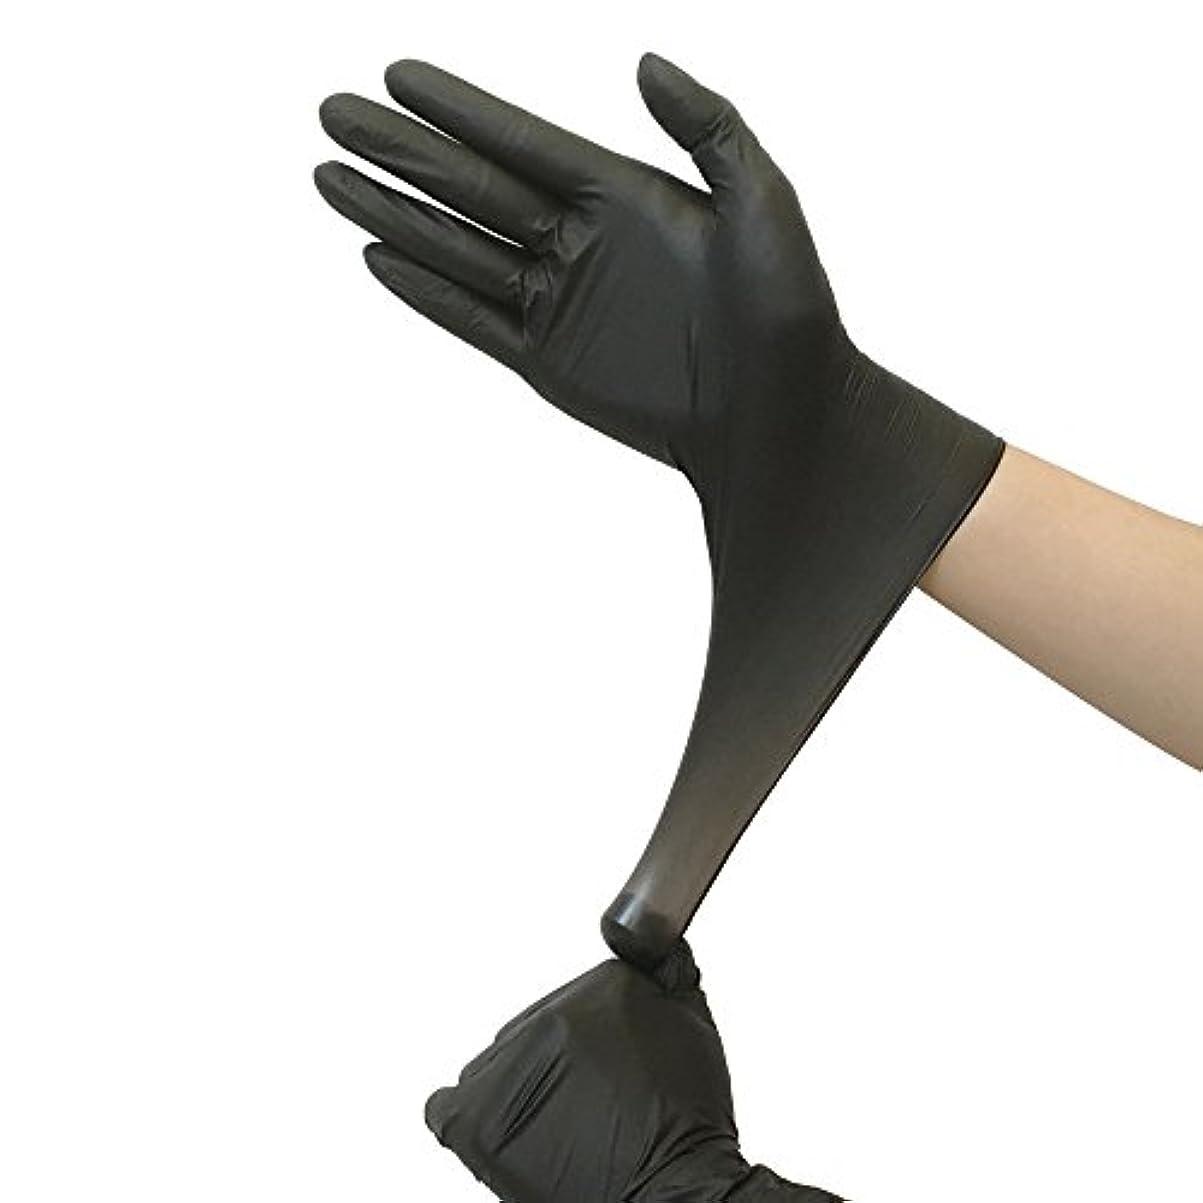 ぬいぐるみ騙す比率ニトリル手袋  使い捨て手袋 粉なし 100枚入 ブラック